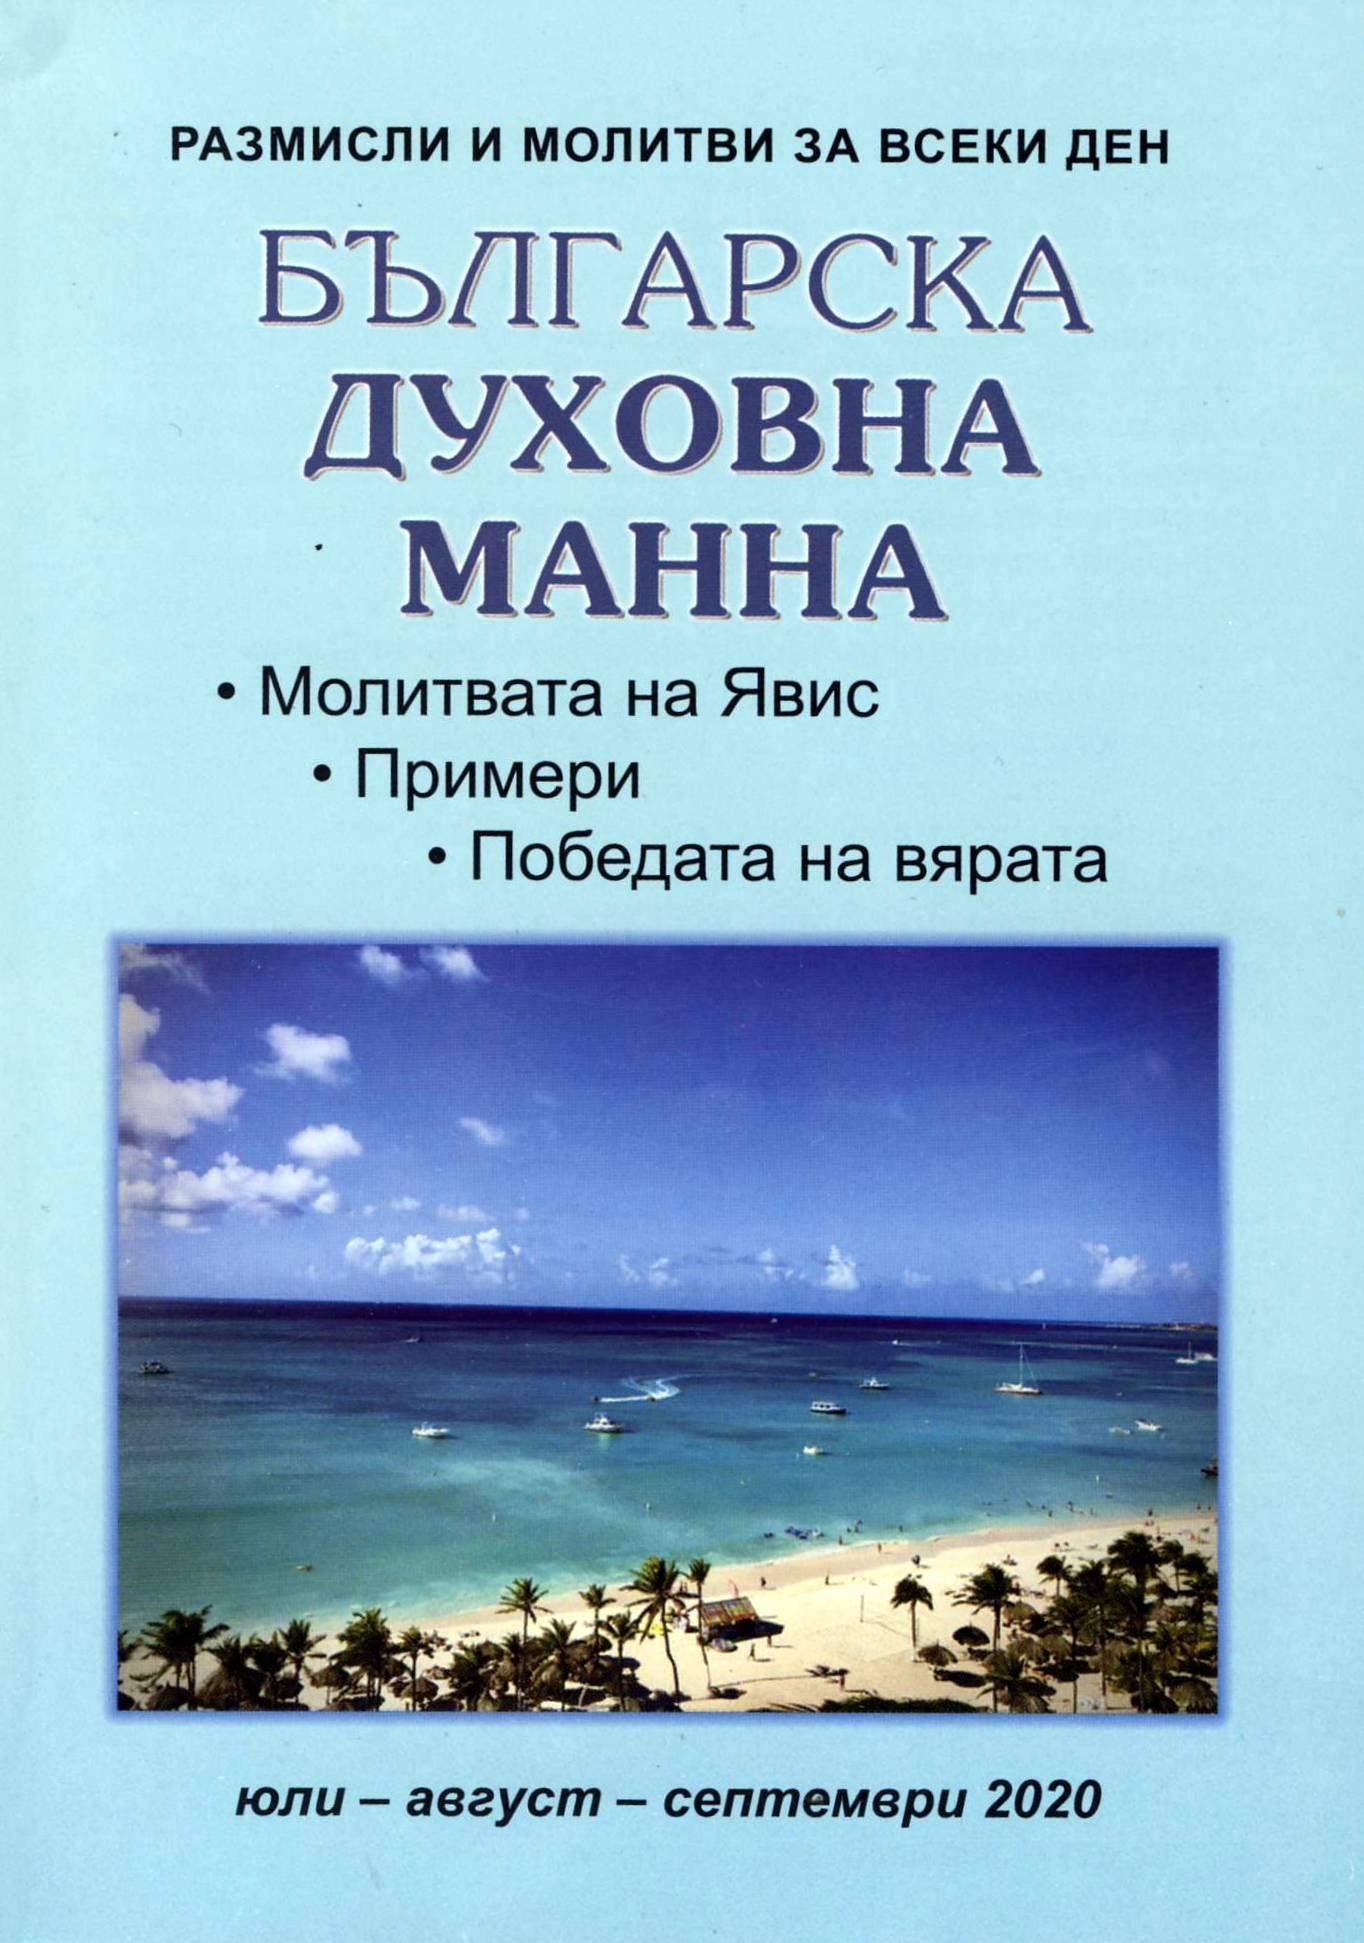 Българска духовна манна - юли, август, септември 2020